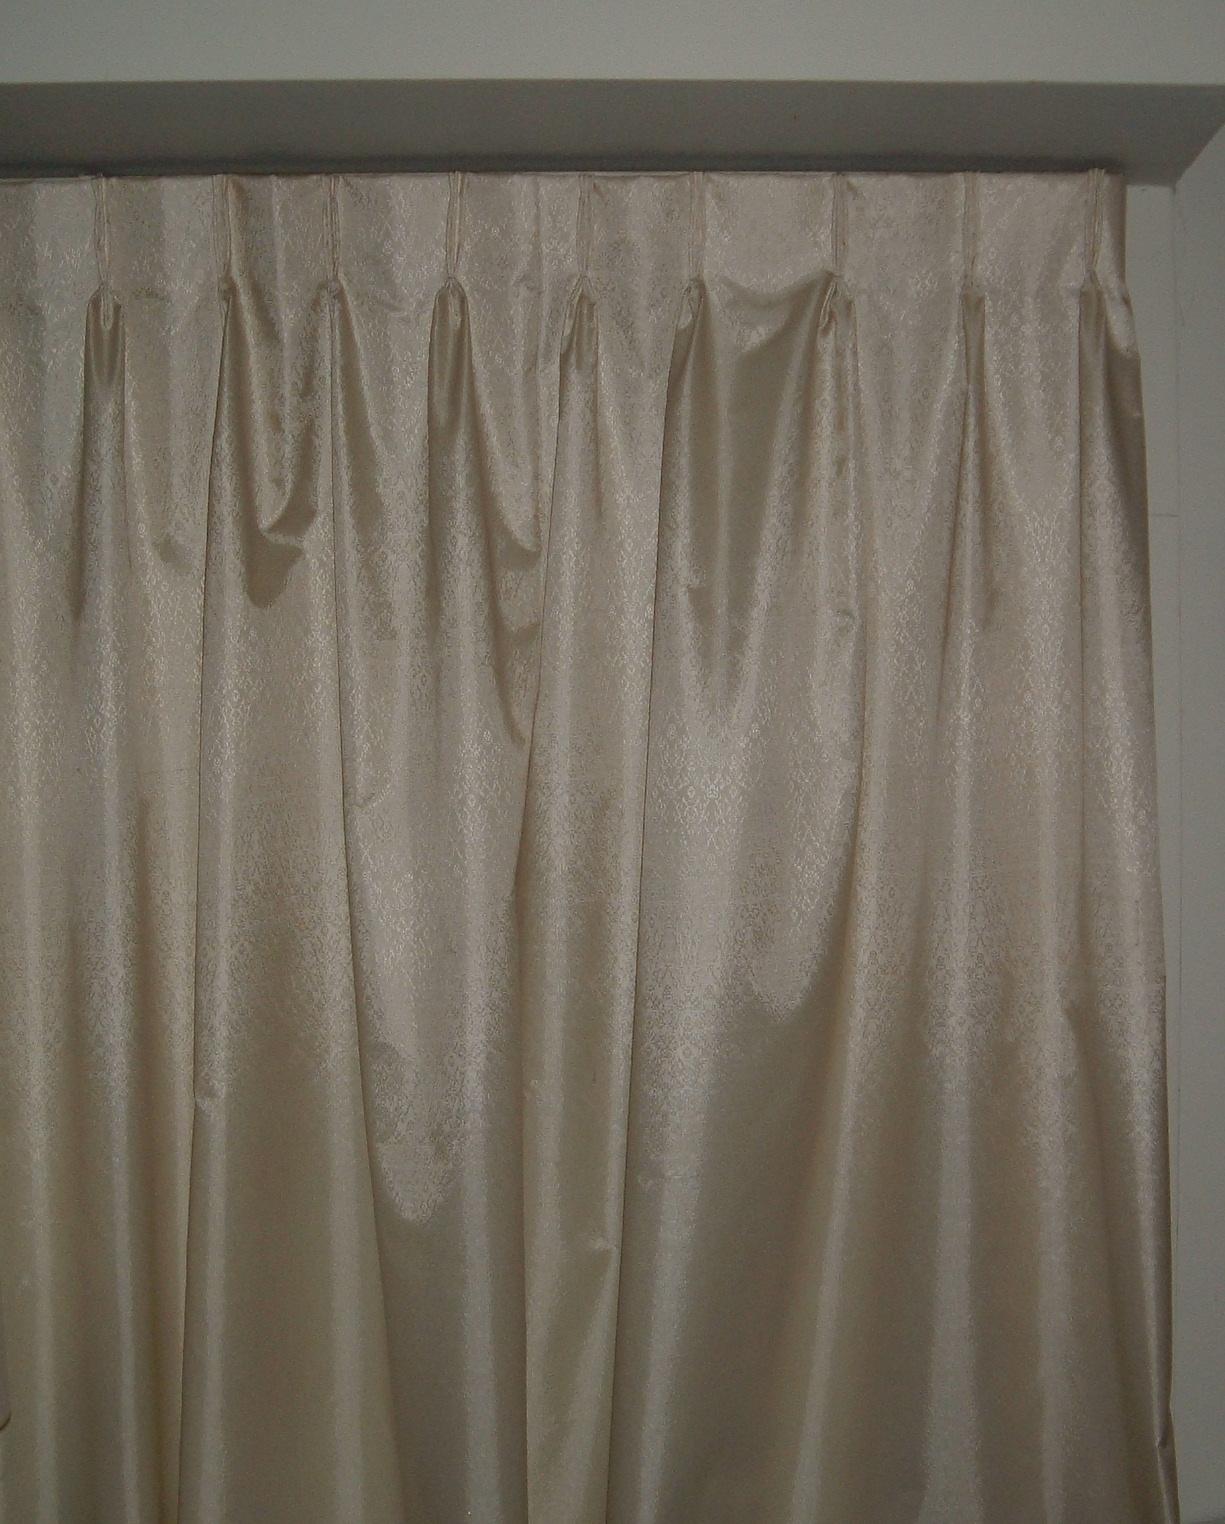 File:Curtain.agr.jpg